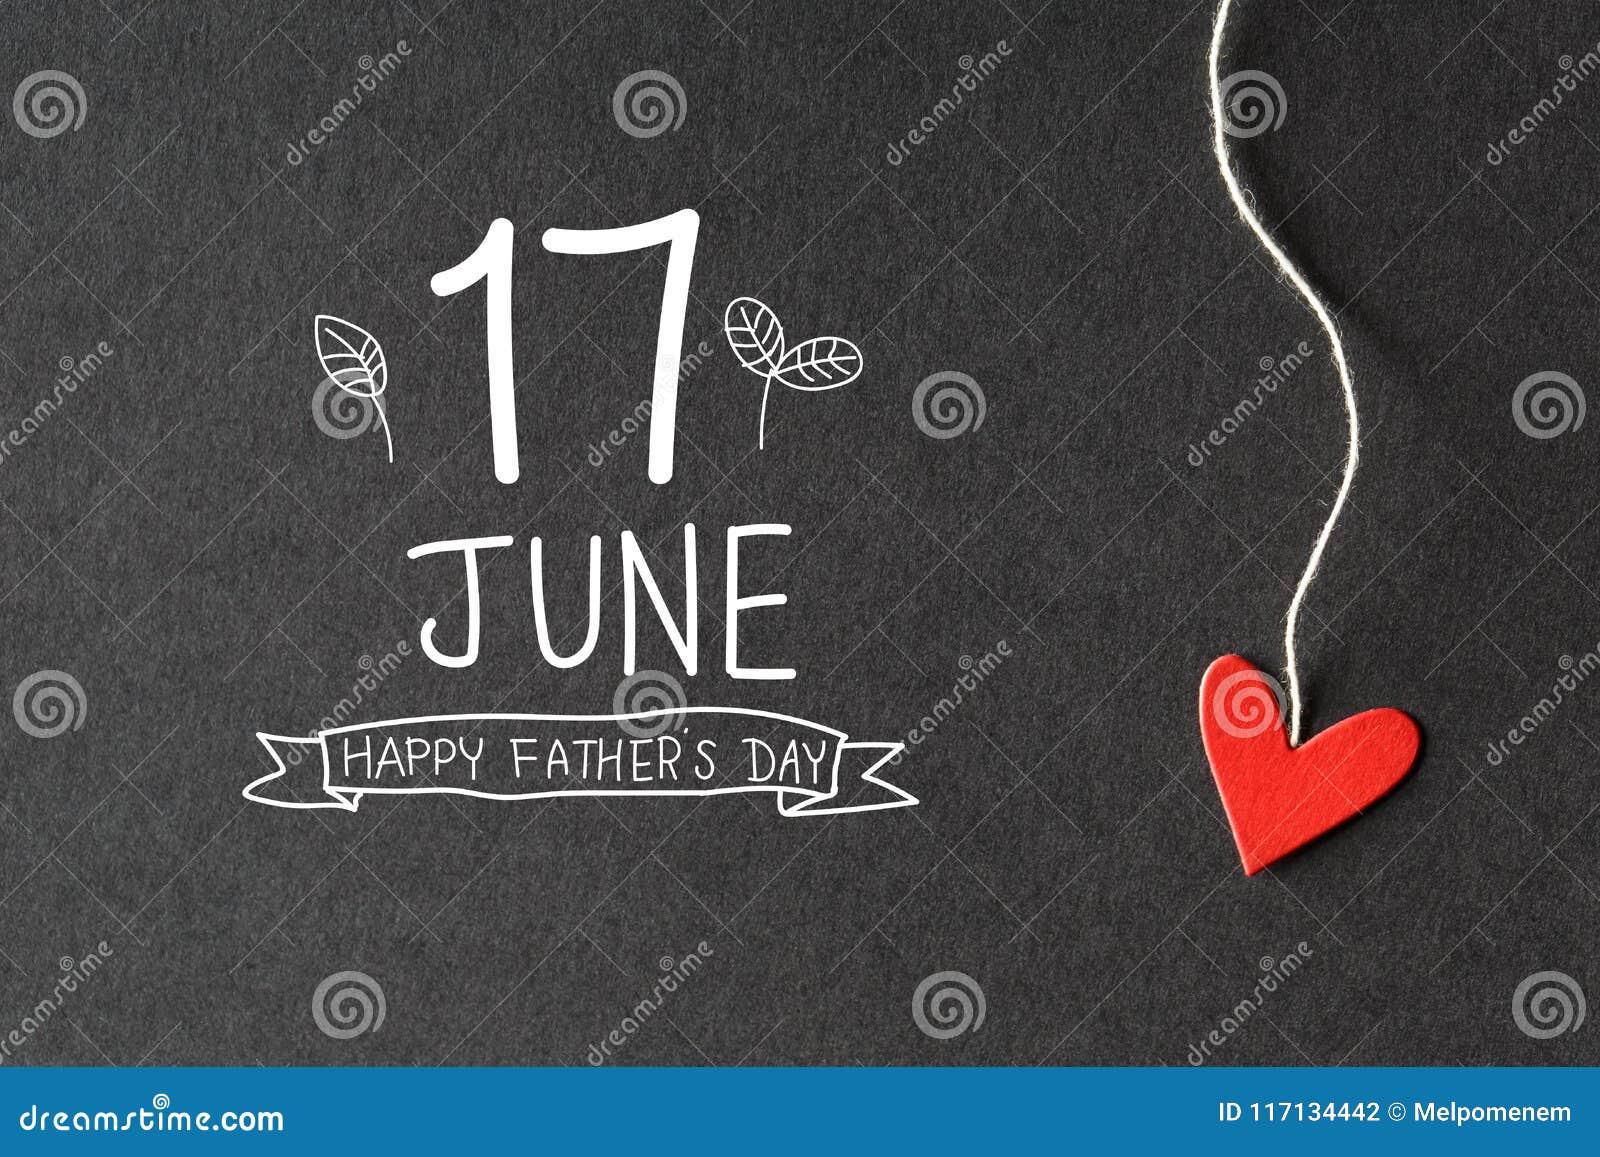 17 de junho mensagem feliz do dia de pais com corações de papel